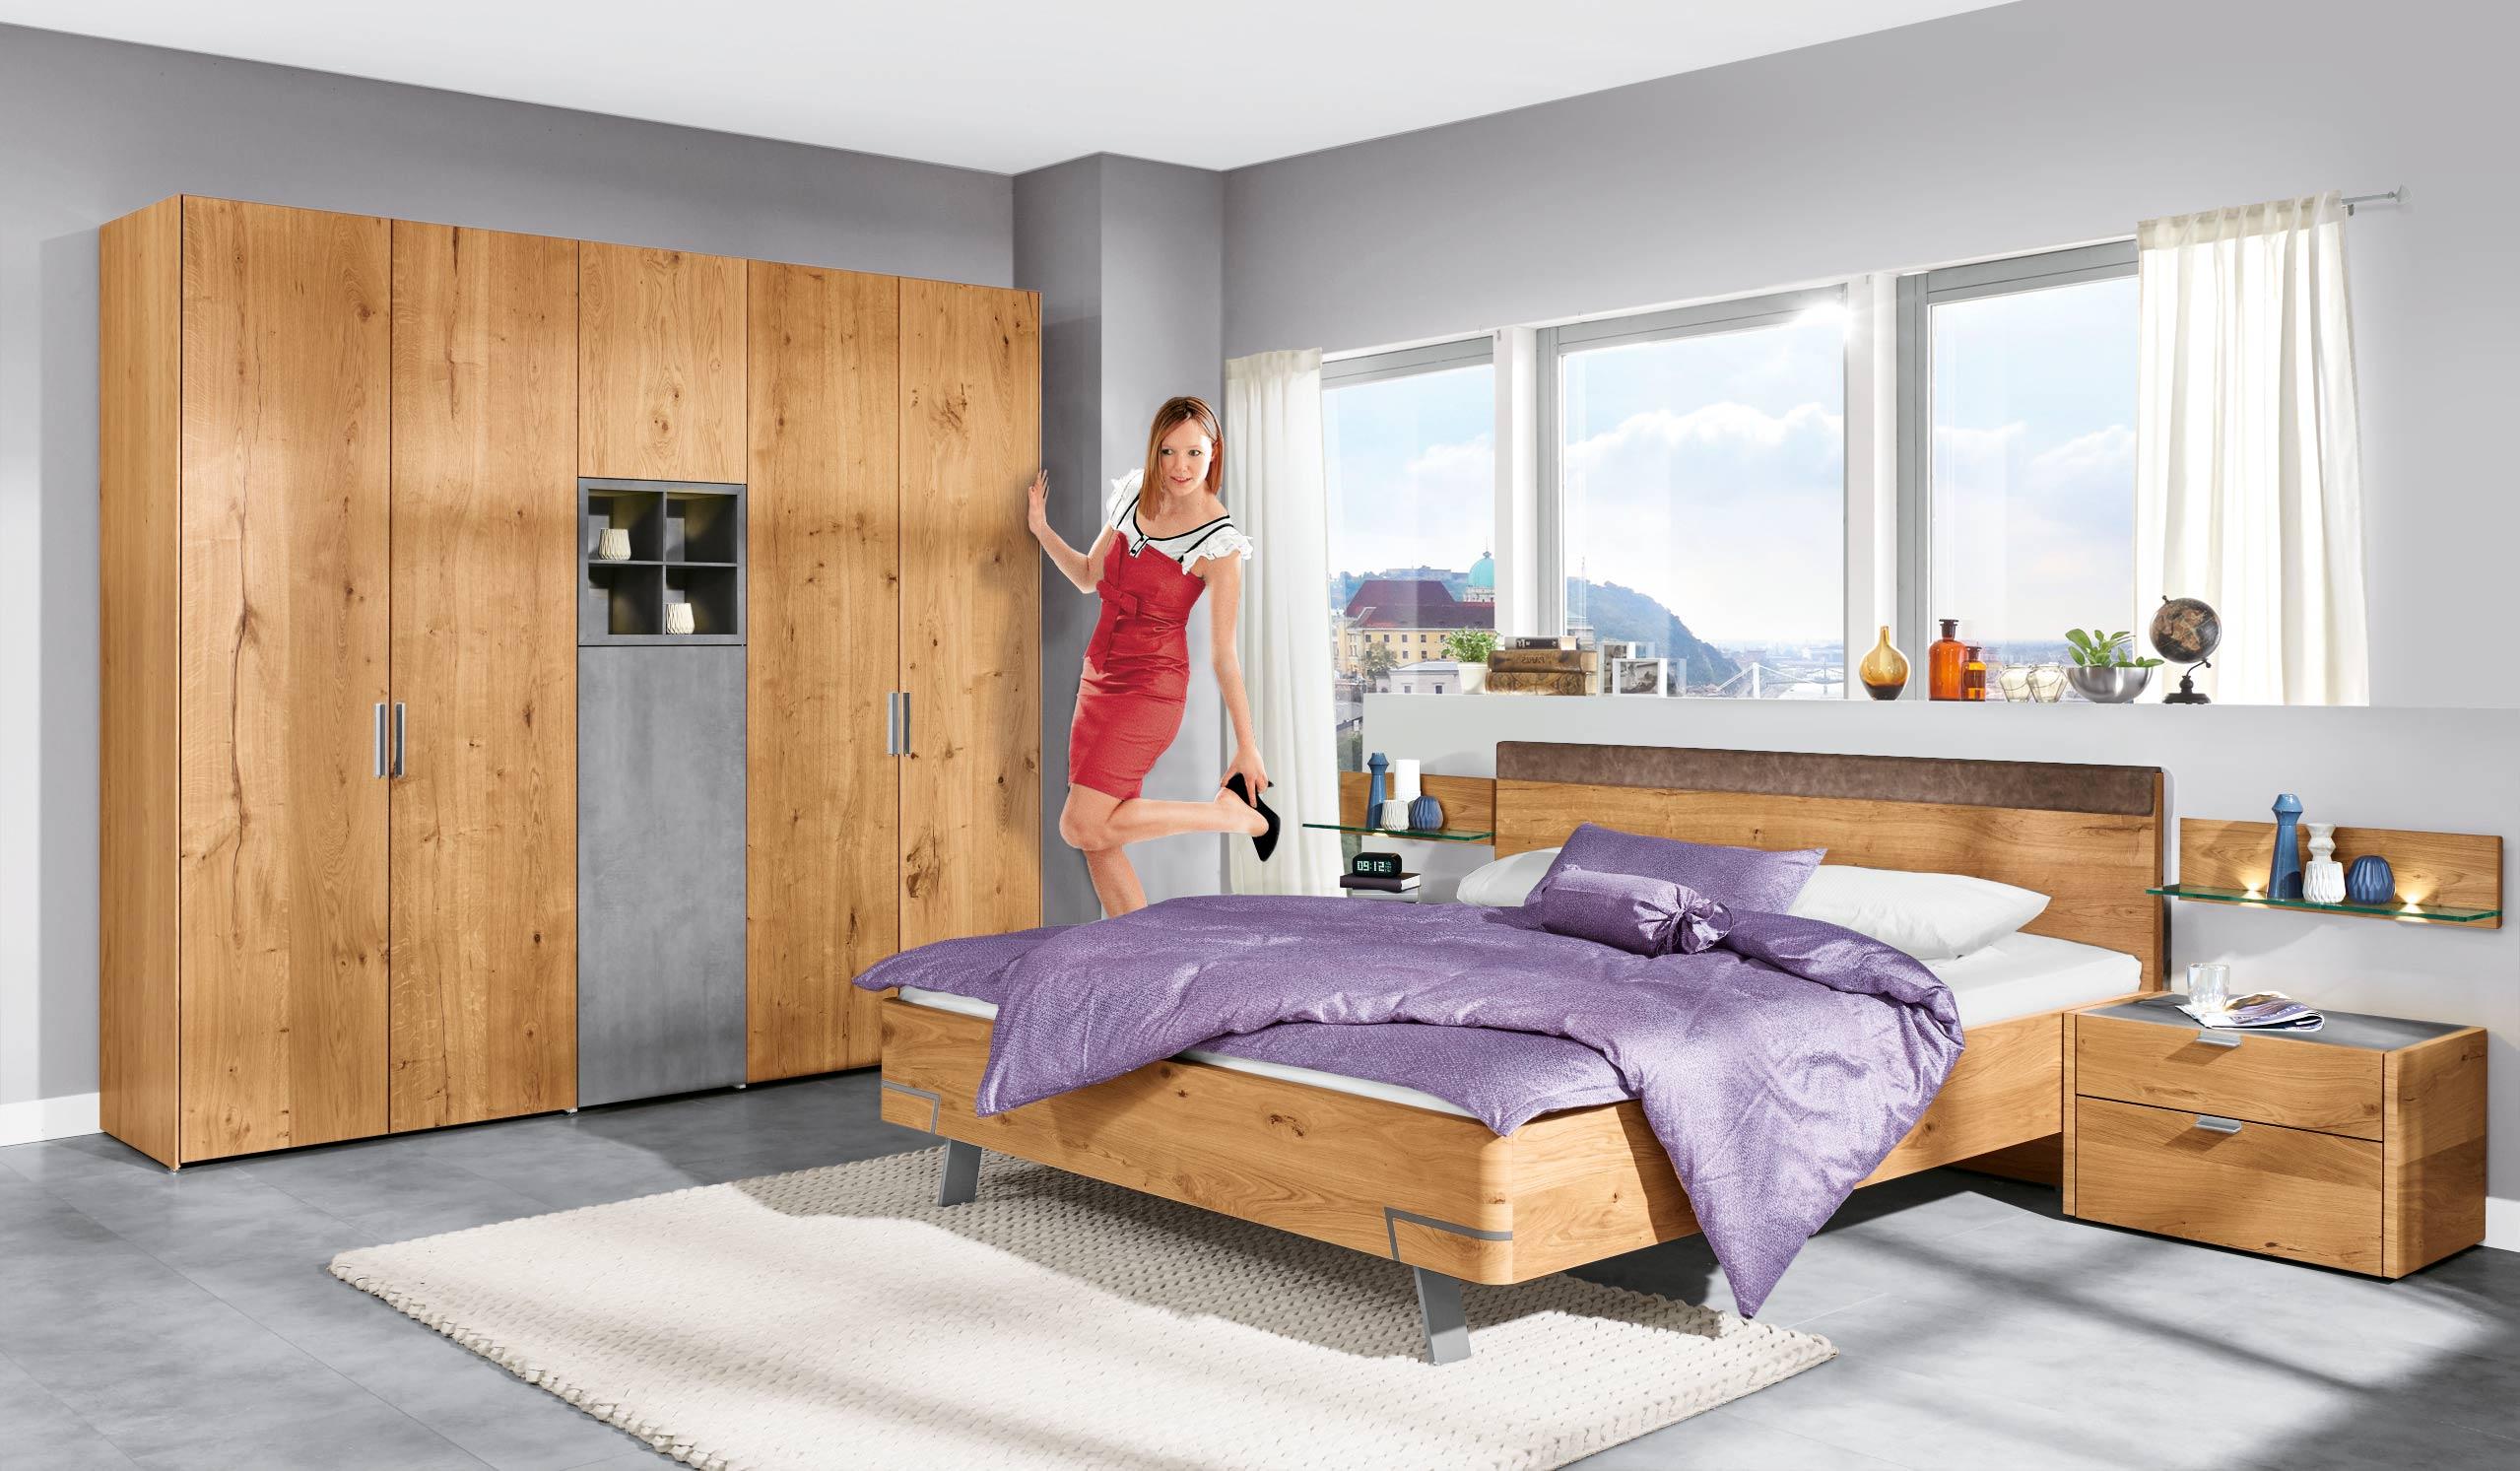 Schlafzimmer HÜLSTA Fena